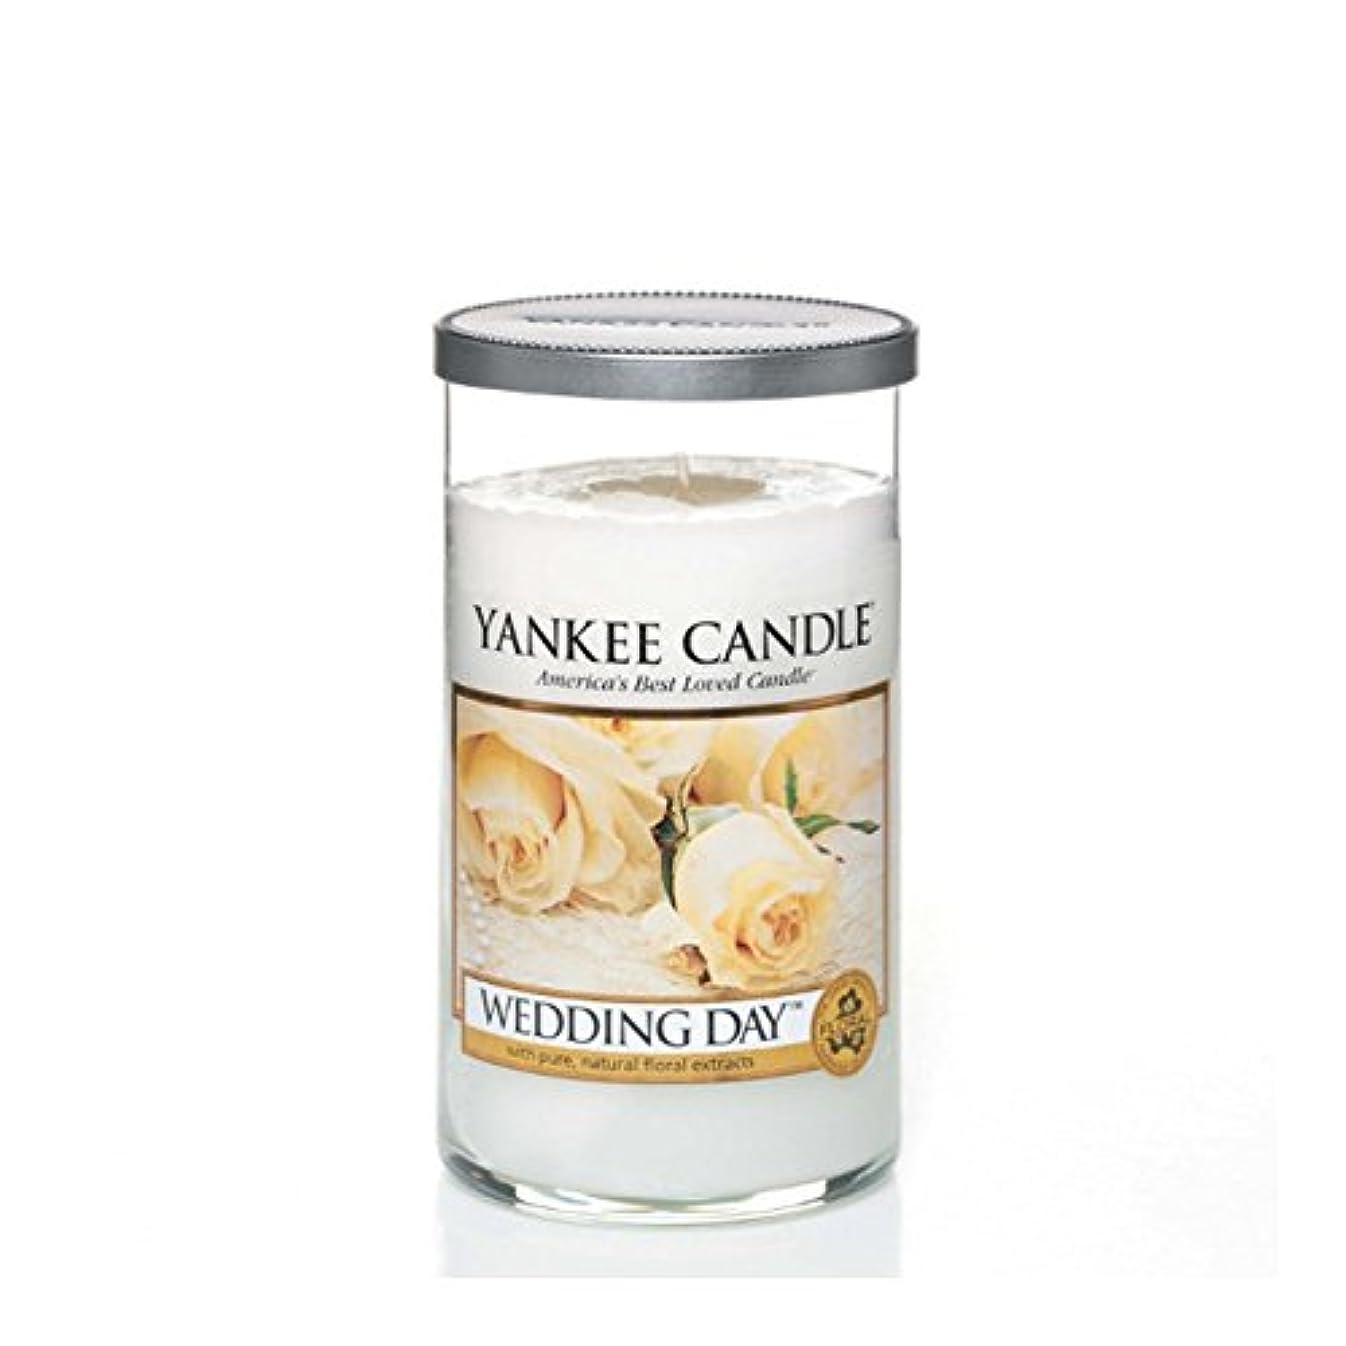 モナリザ凍る郡ヤンキーキャンドルメディアピラーキャンドル - 結婚式の日 - Yankee Candles Medium Pillar Candle - Wedding Day (Yankee Candles) [並行輸入品]